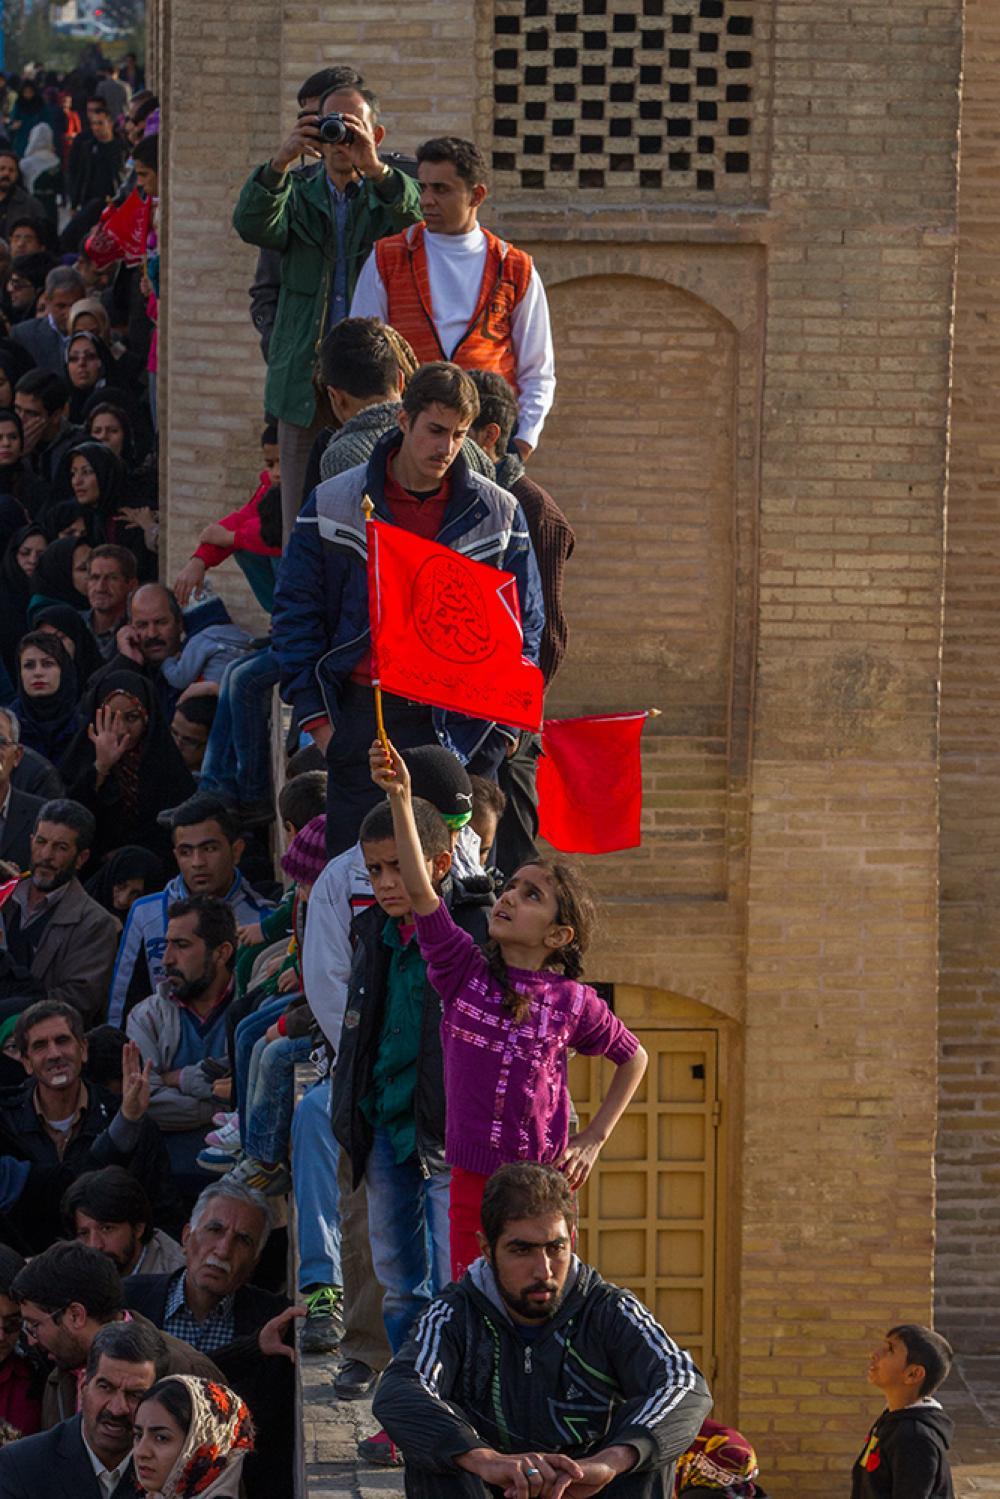 اهتزاز پرچم اصلی حرم عباسی در اصفهان